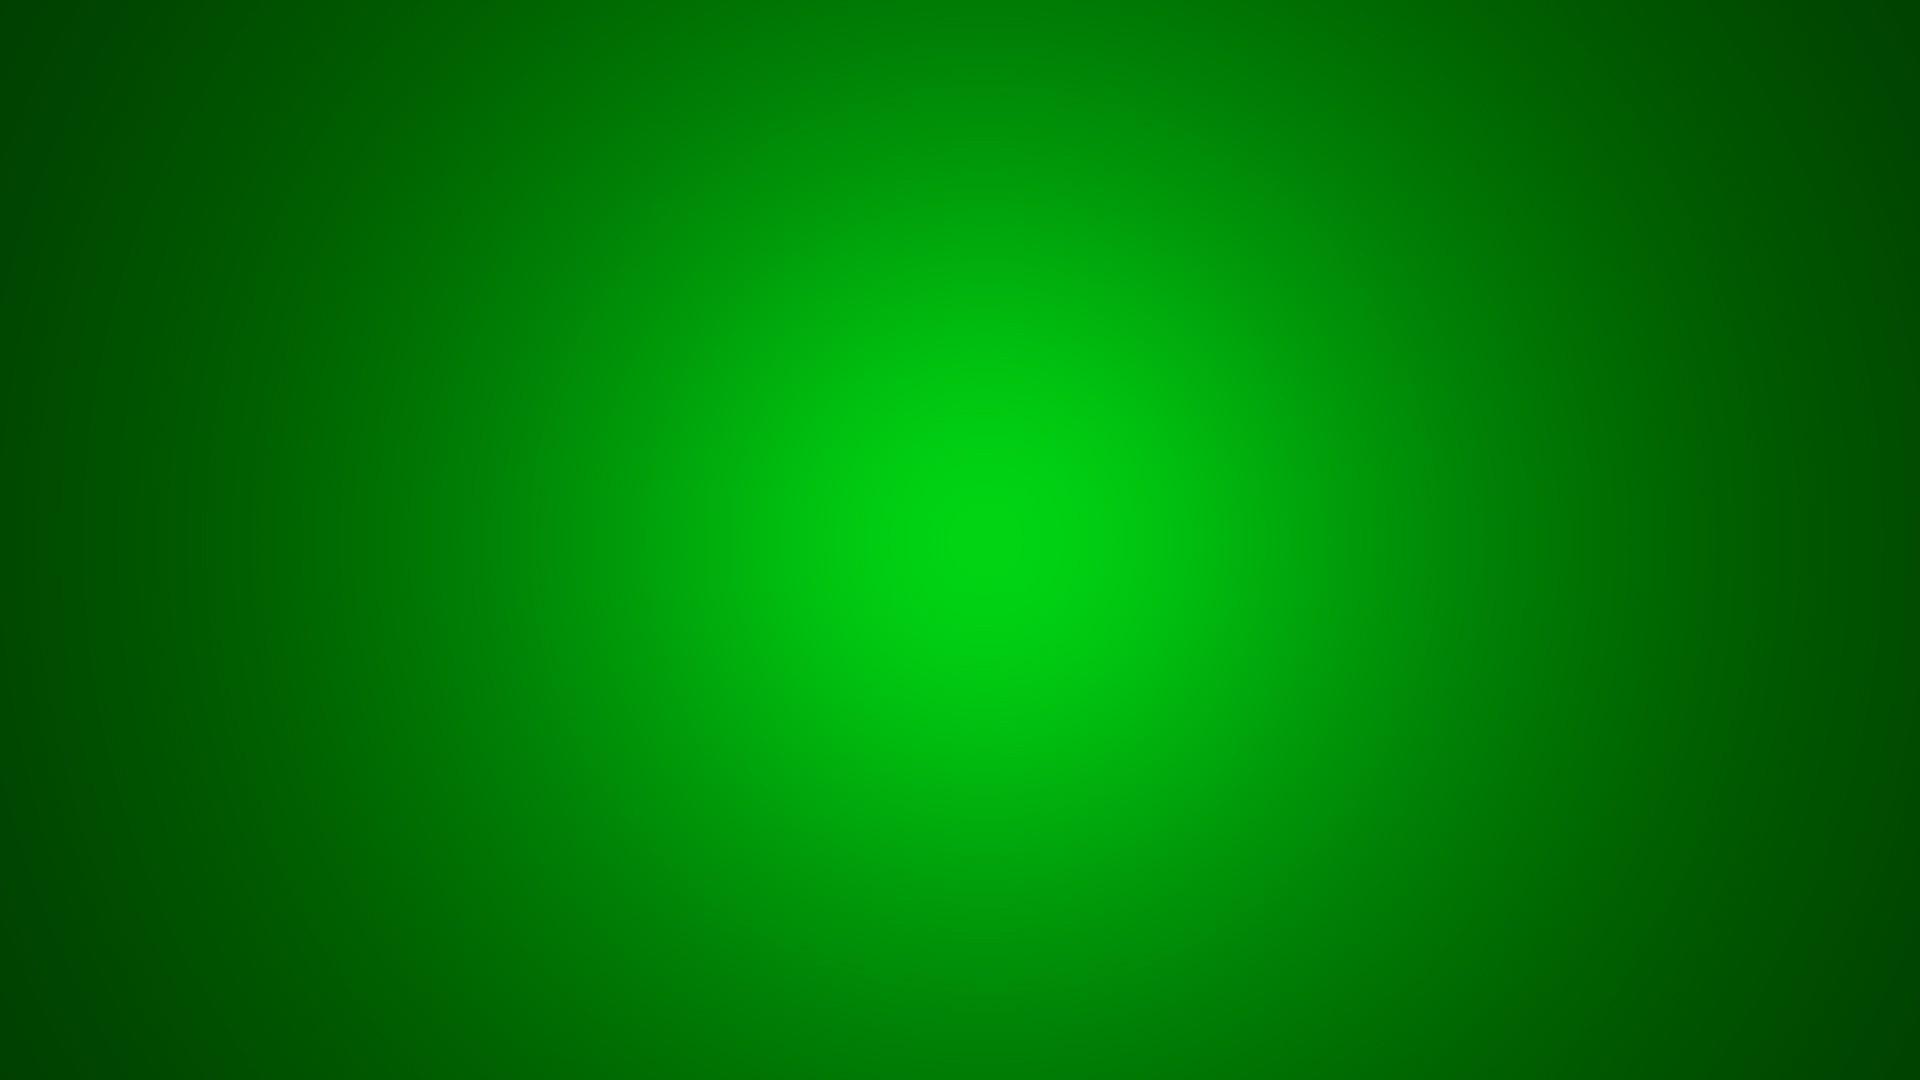 Plain Wallpapers HD green spot light